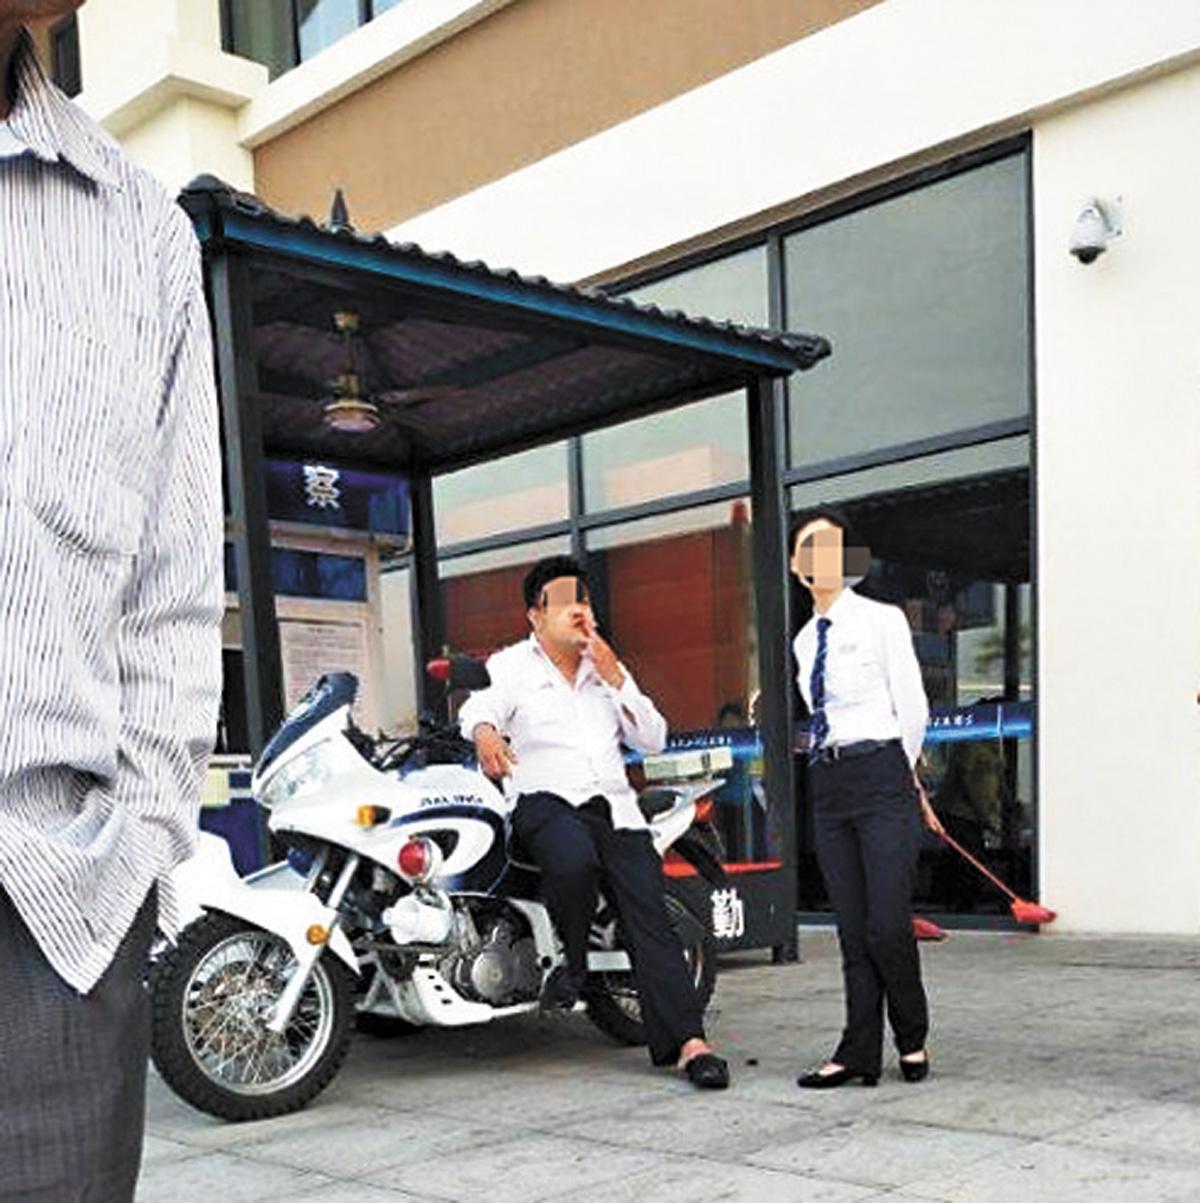 老人暈倒在地,裴某璟坐在警用電單車上吸煙。網上圖片